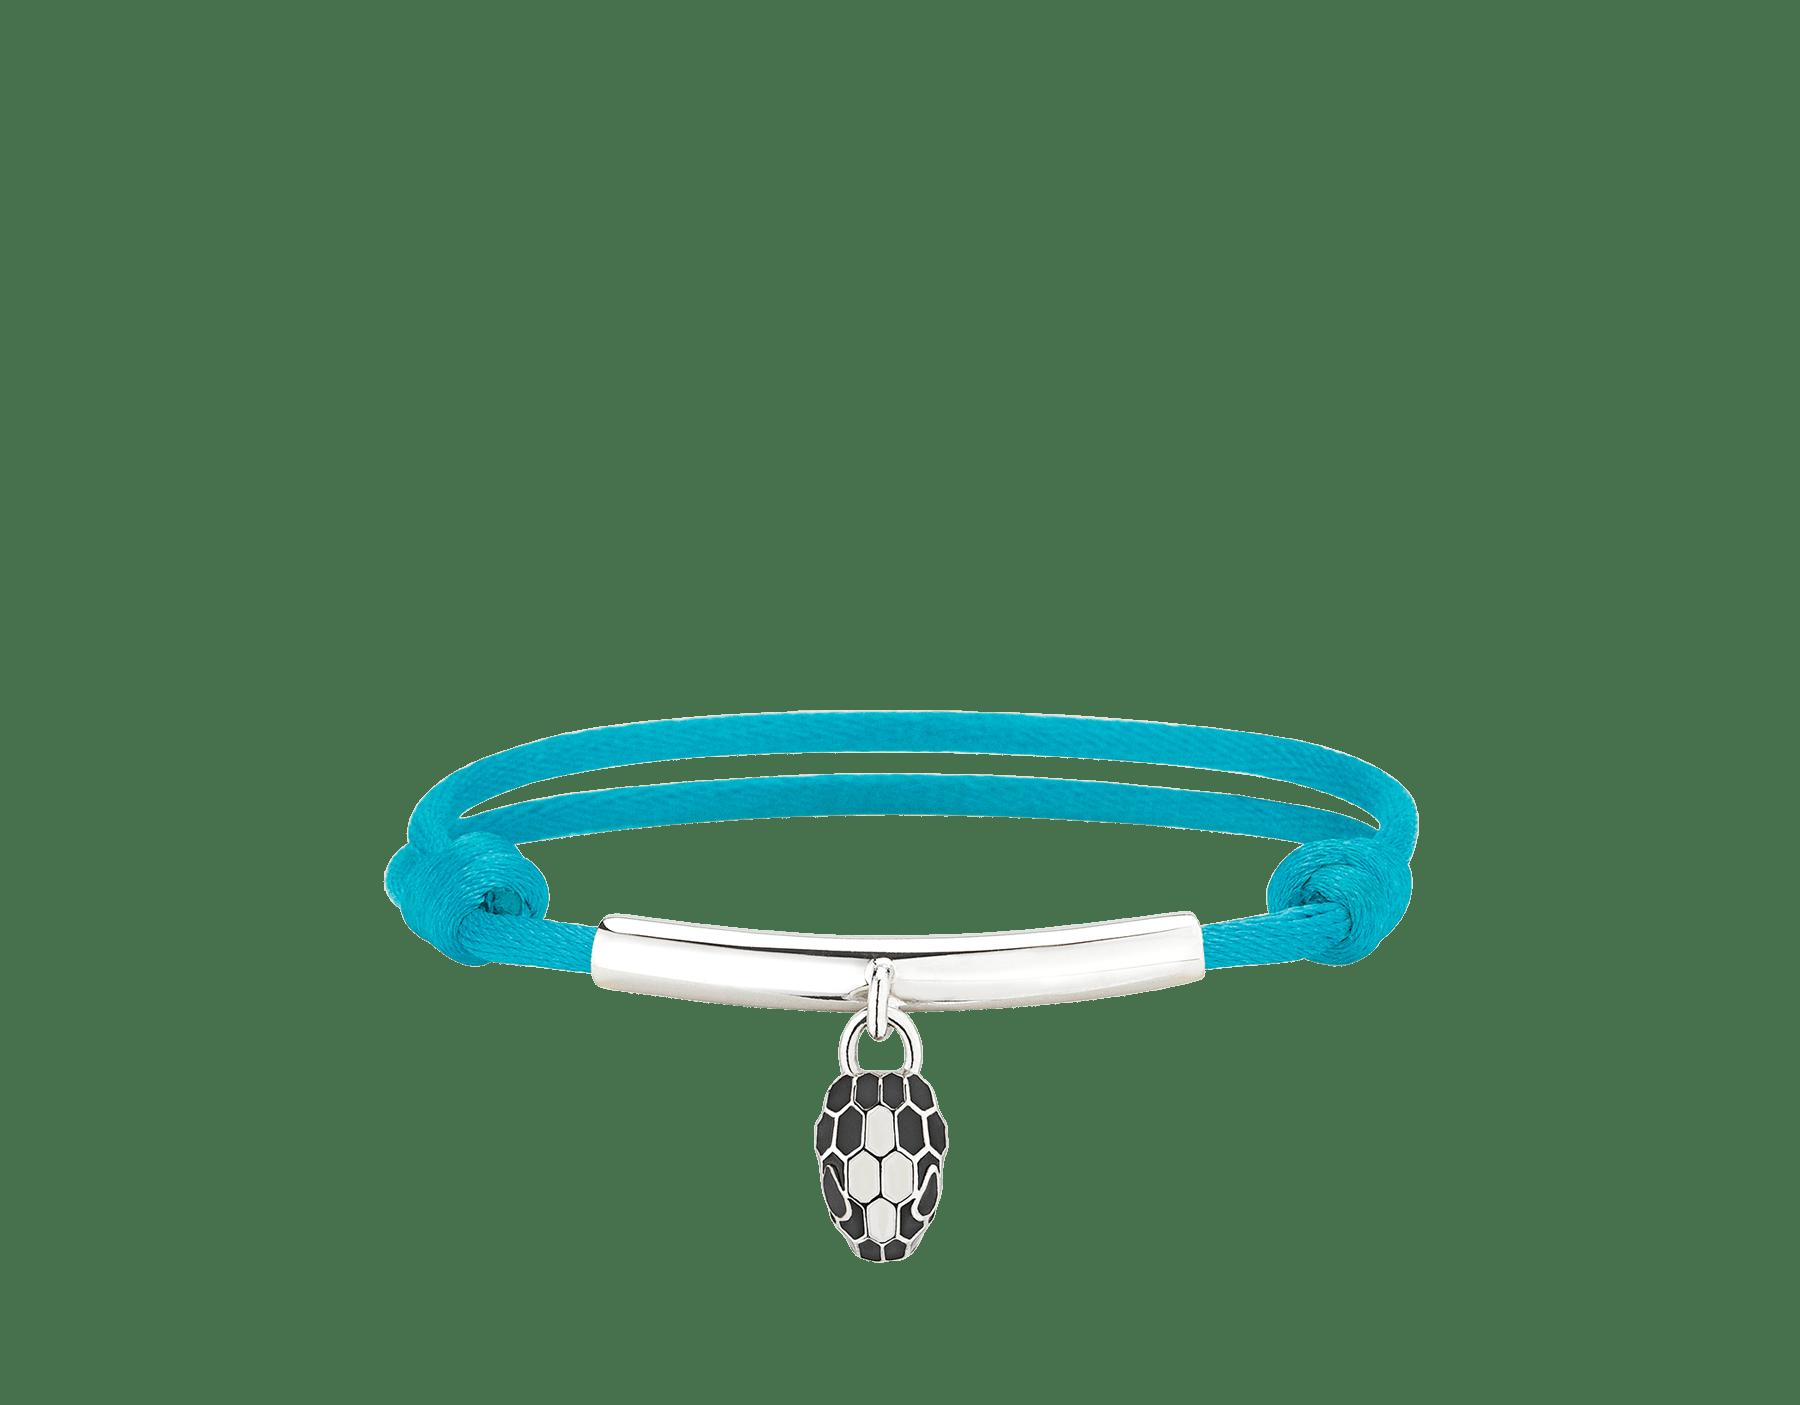 Pulsera Serpenti Forever en seda color turquesa de Capri con placa en latón bañado en paladio y un emblemático charm con la icónica cabeza de serpiente en esmalte negro y color ágata blanca, y ojos en esmalte negro. 290278 image 1